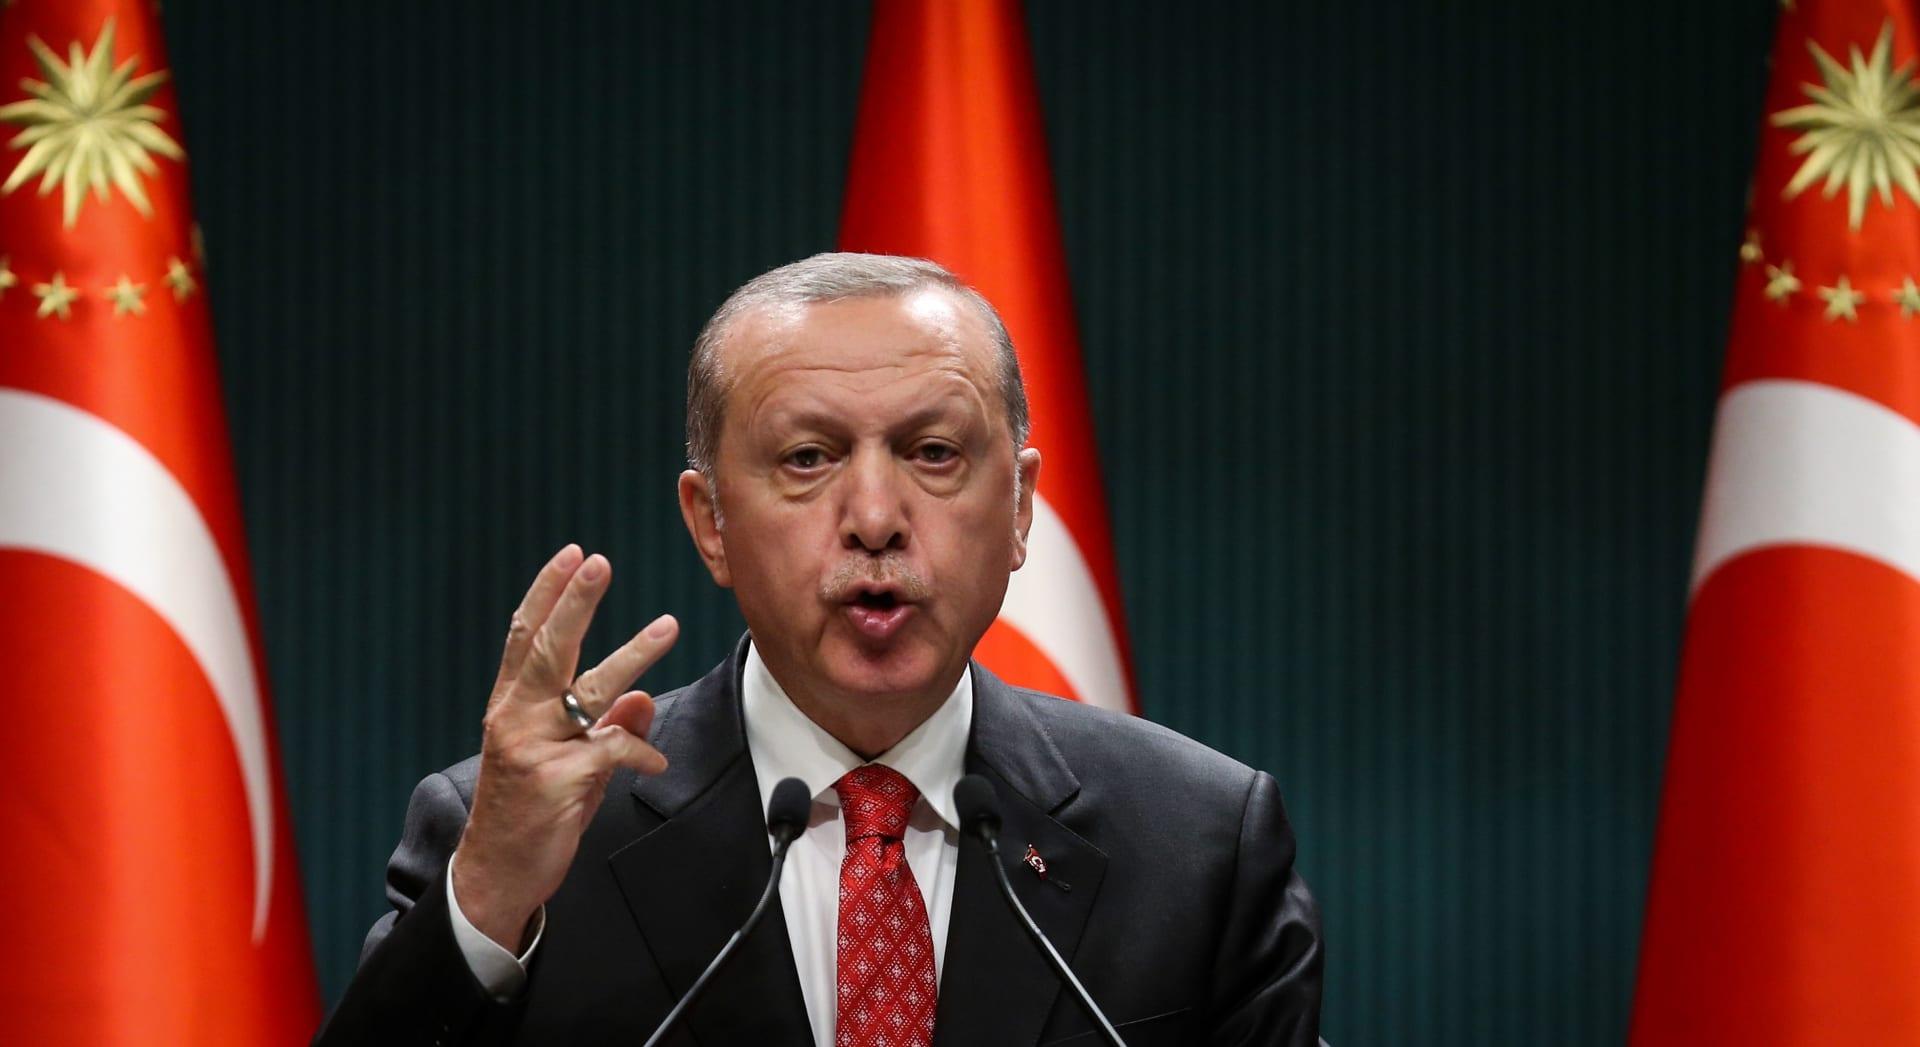 أردوغان: أحبطنا المكائد ضدنا في شرق المتوسط.. وأول مفاعل نووي تركي في 2023